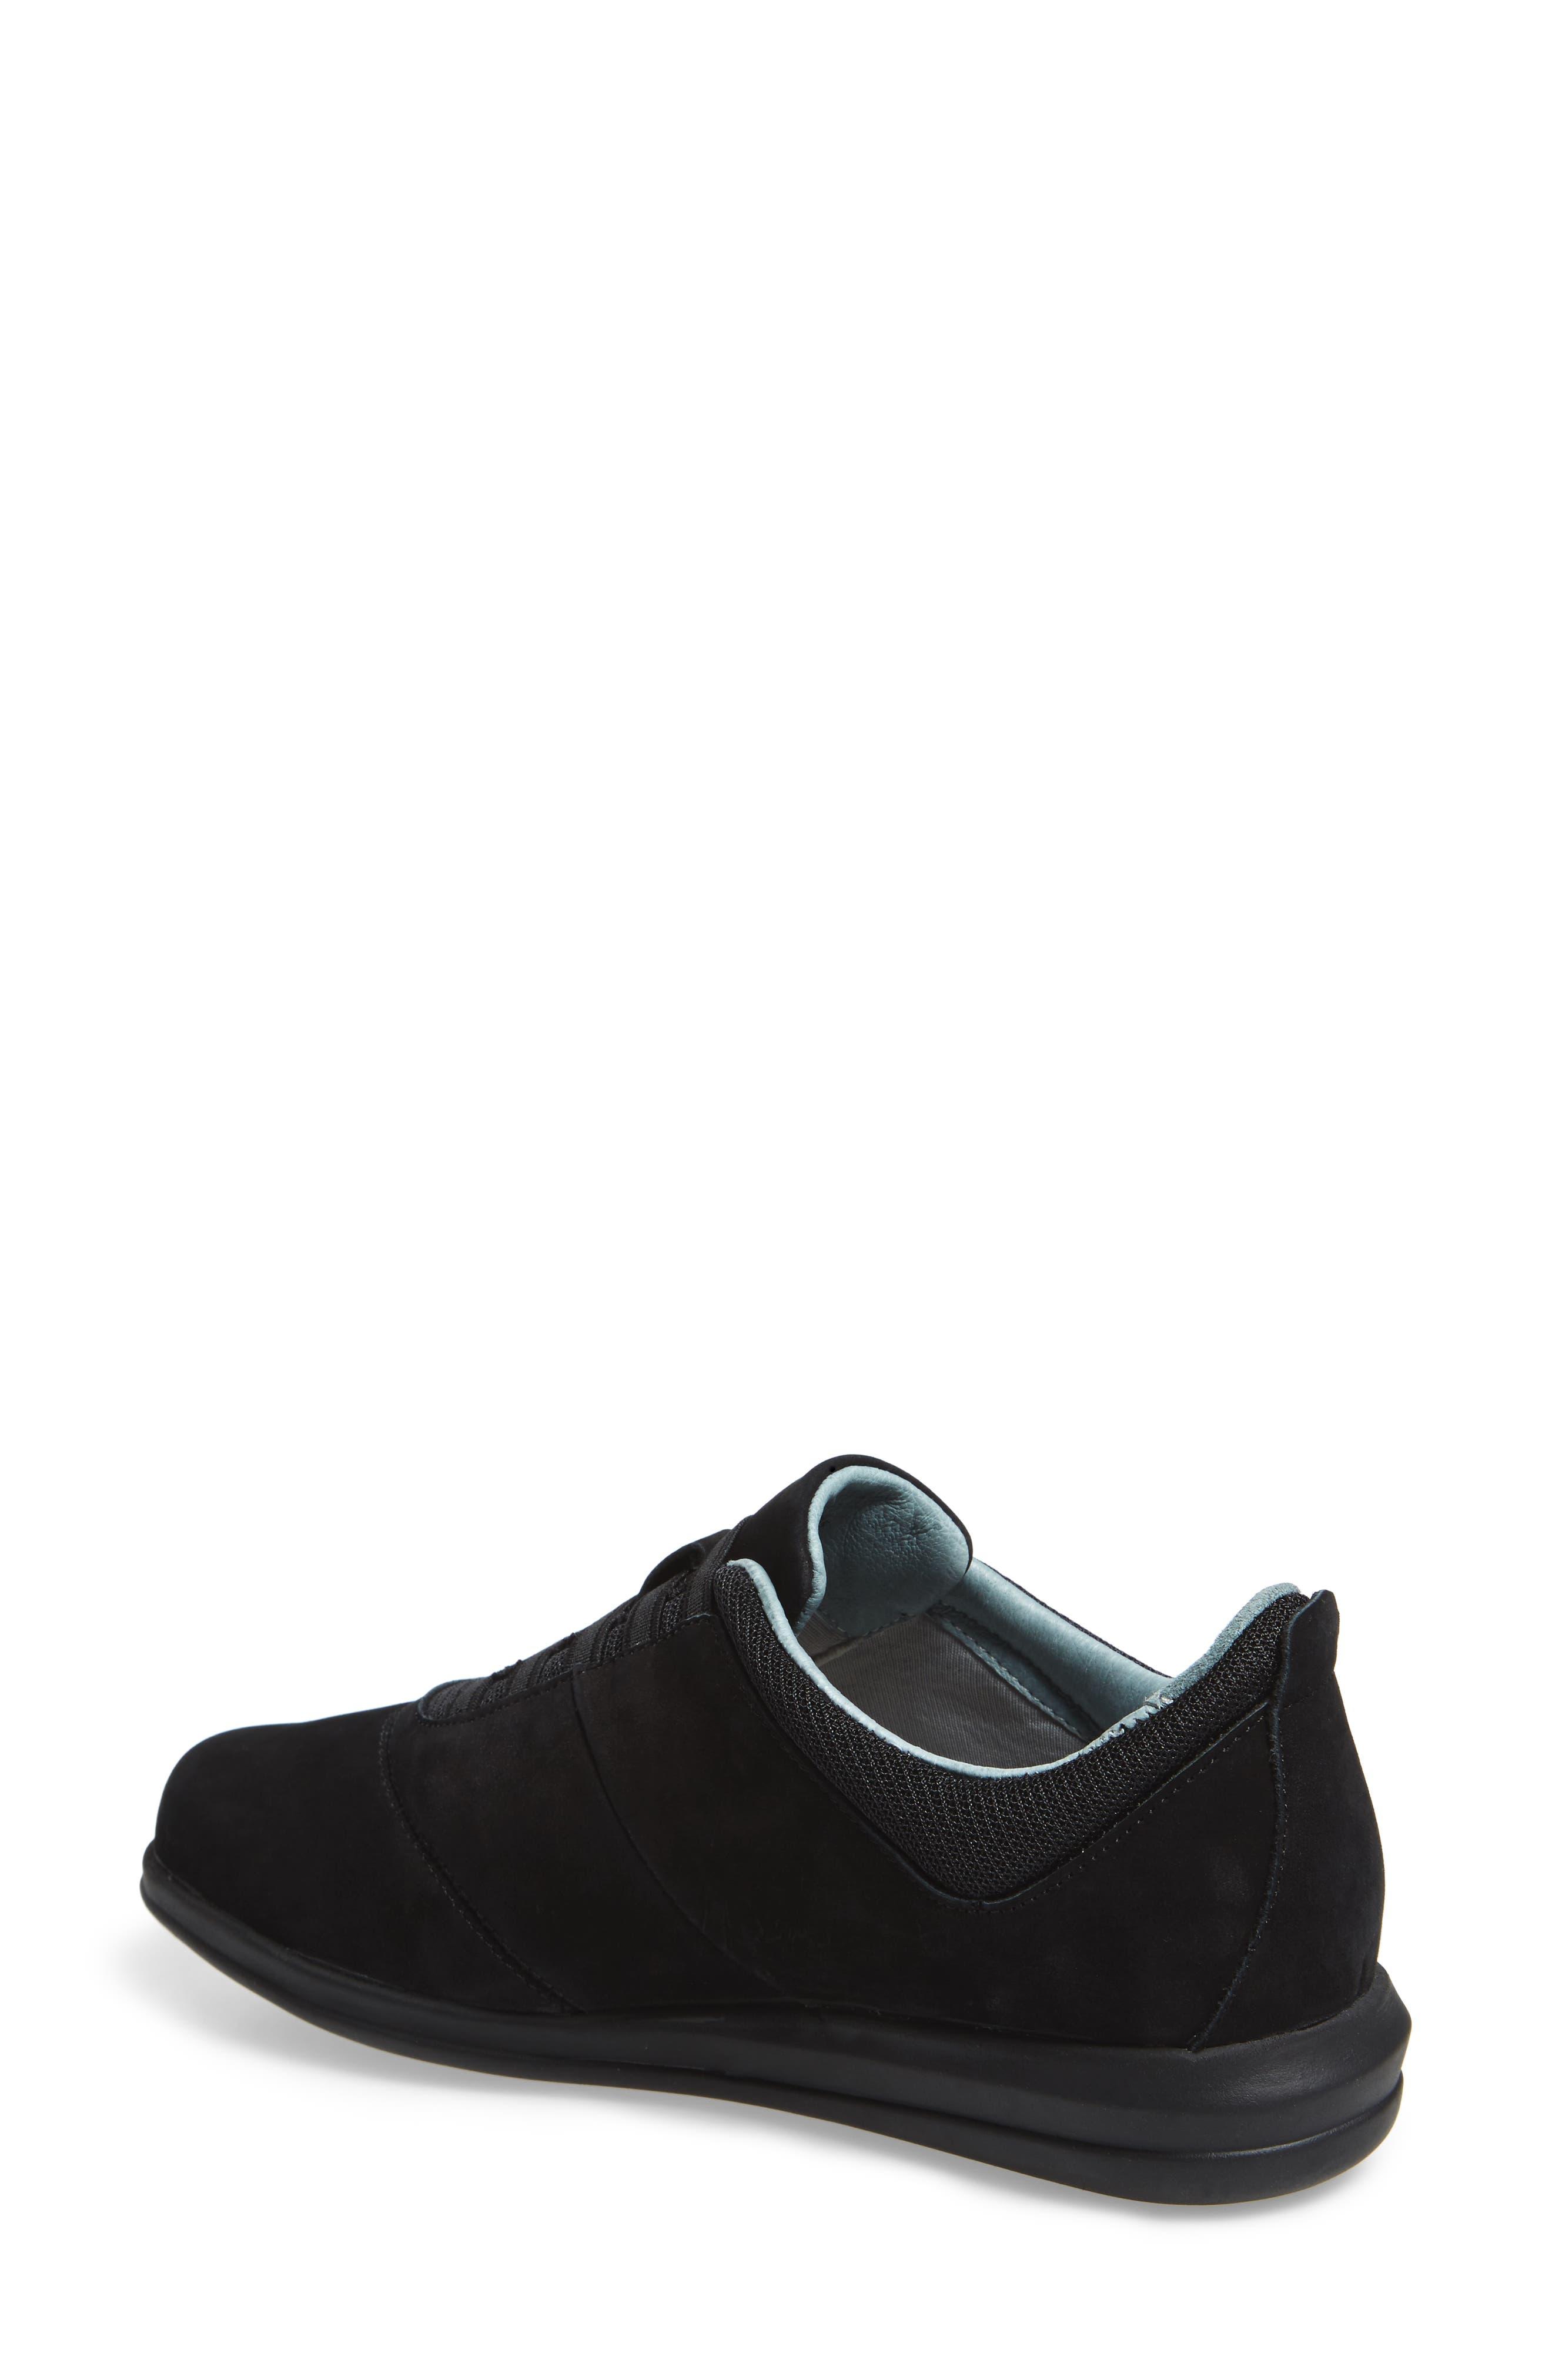 Dynamic Slip-On Sneaker,                             Alternate thumbnail 2, color,                             BLACK NUBUCK